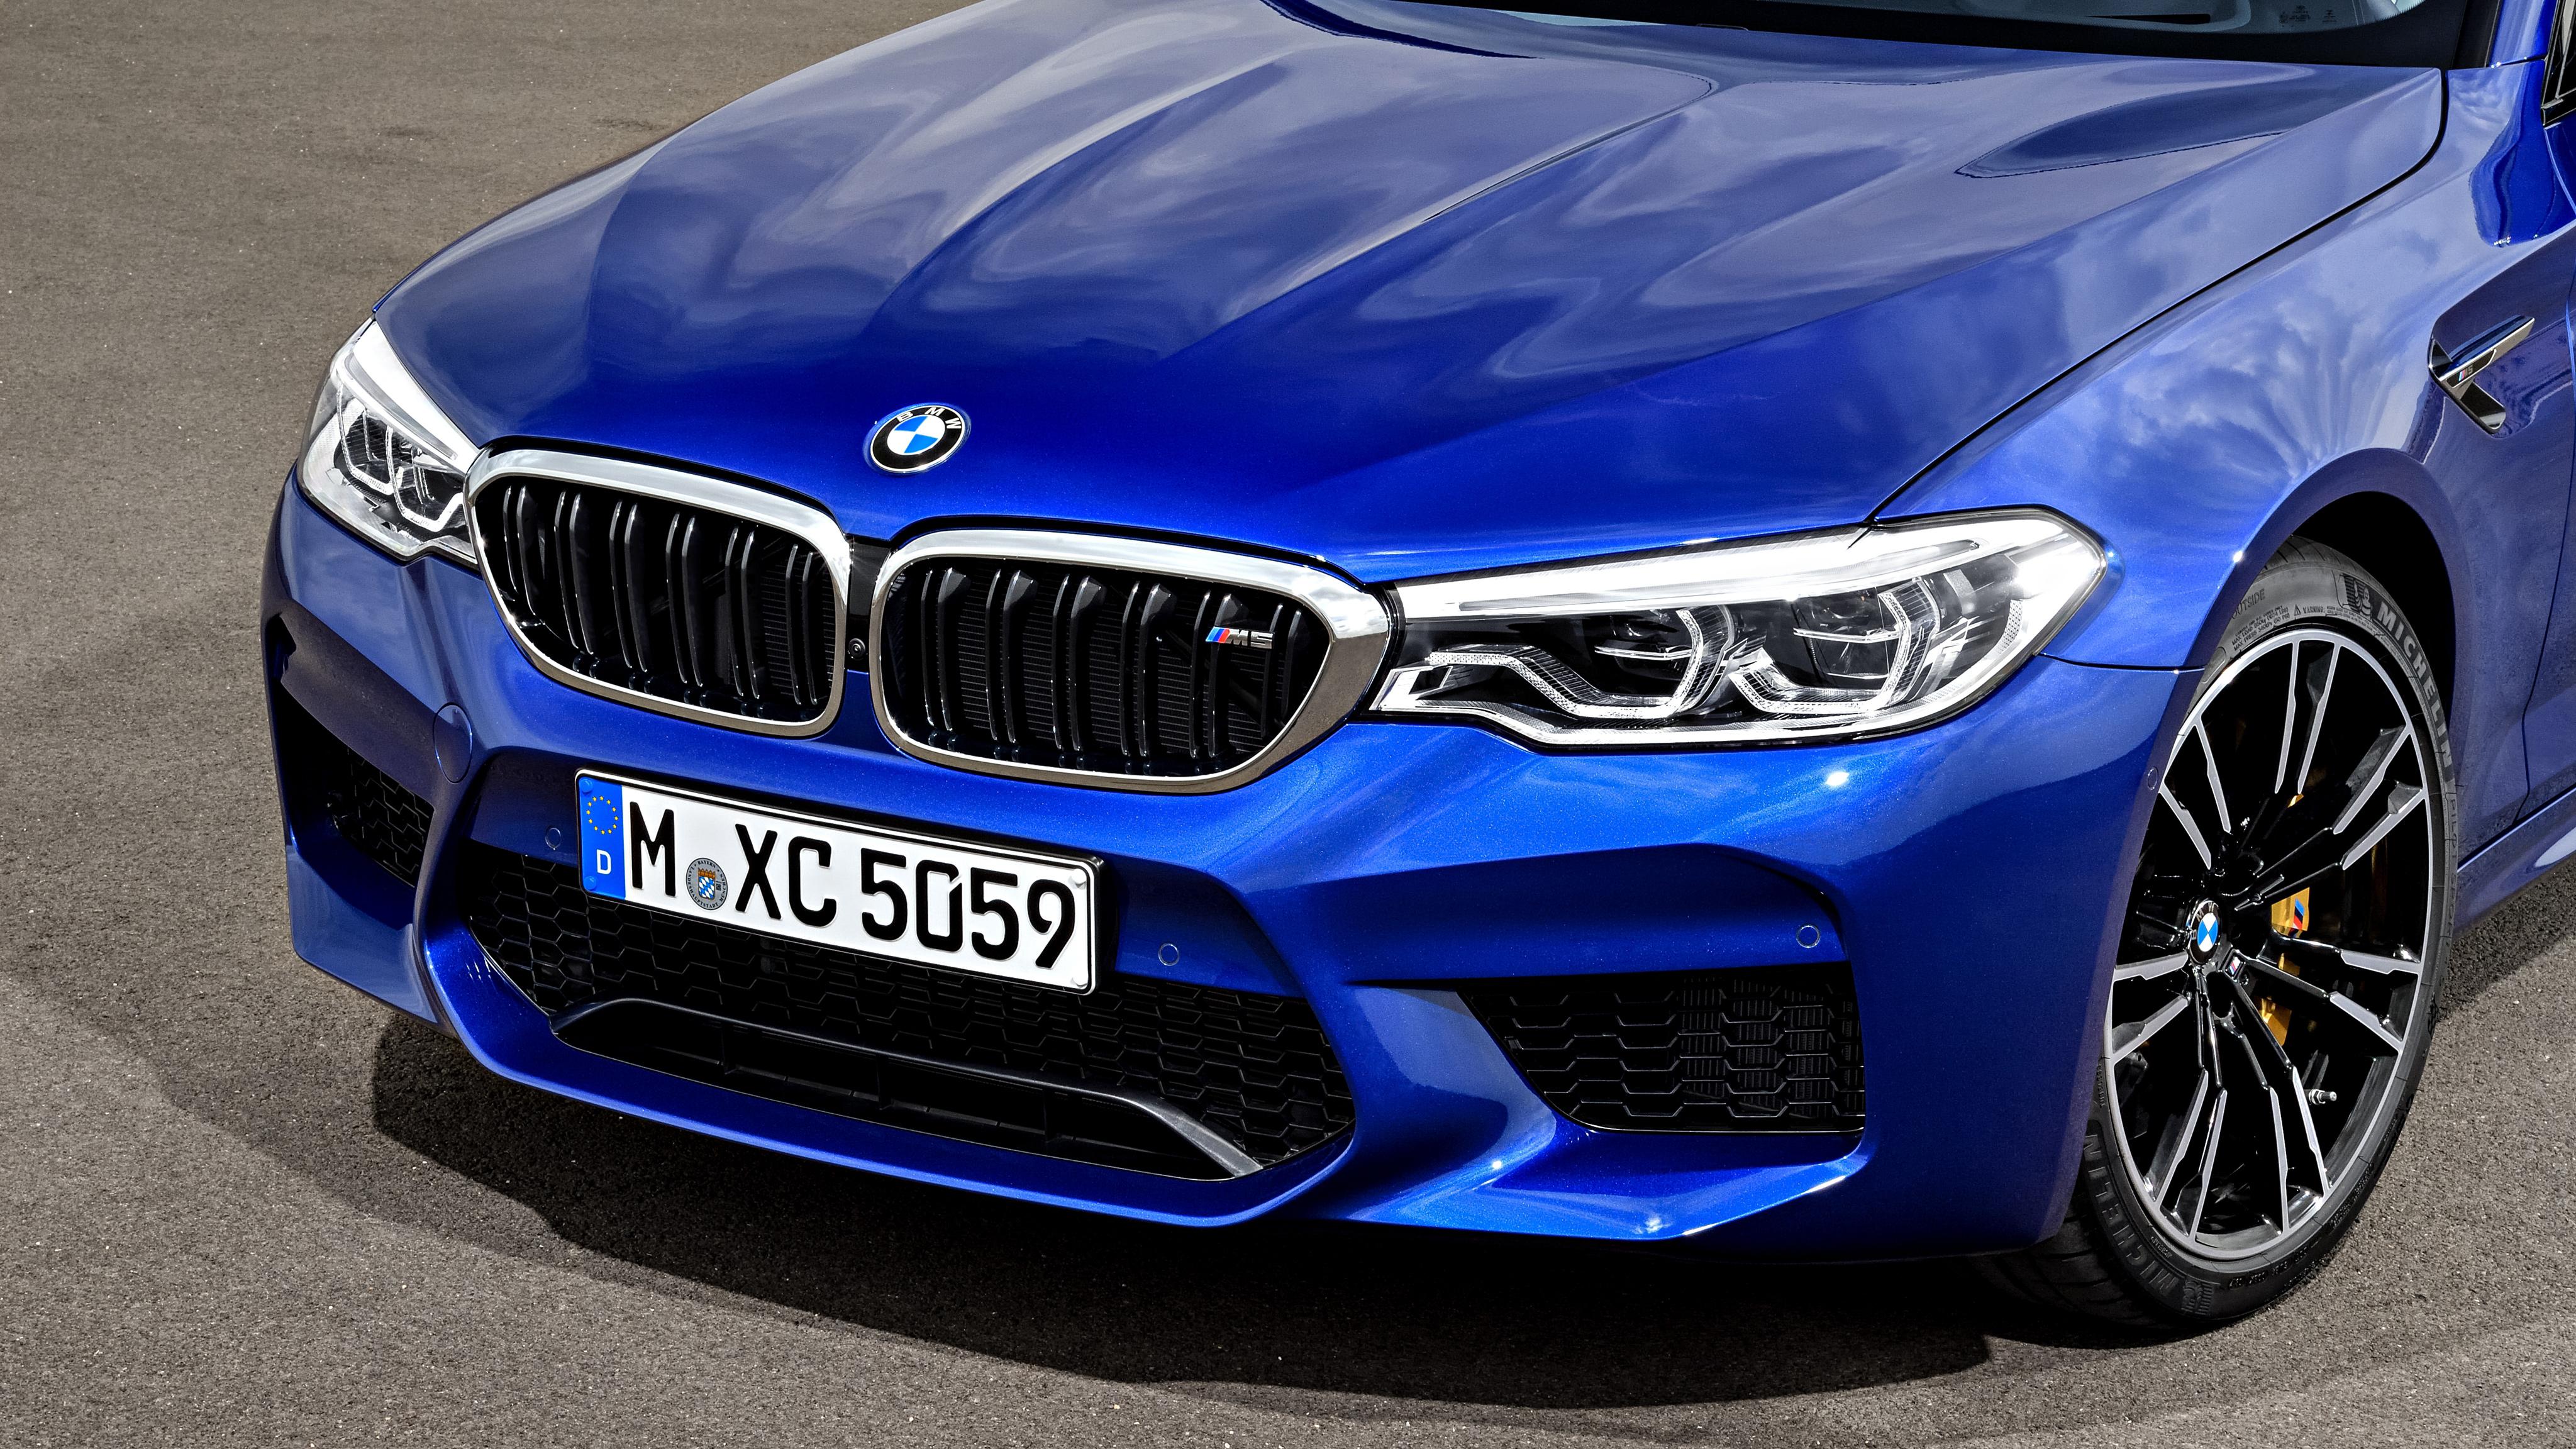 BMW M5 2018 Wallpaper HD Car Wallpapers ID 8275 4096x2304